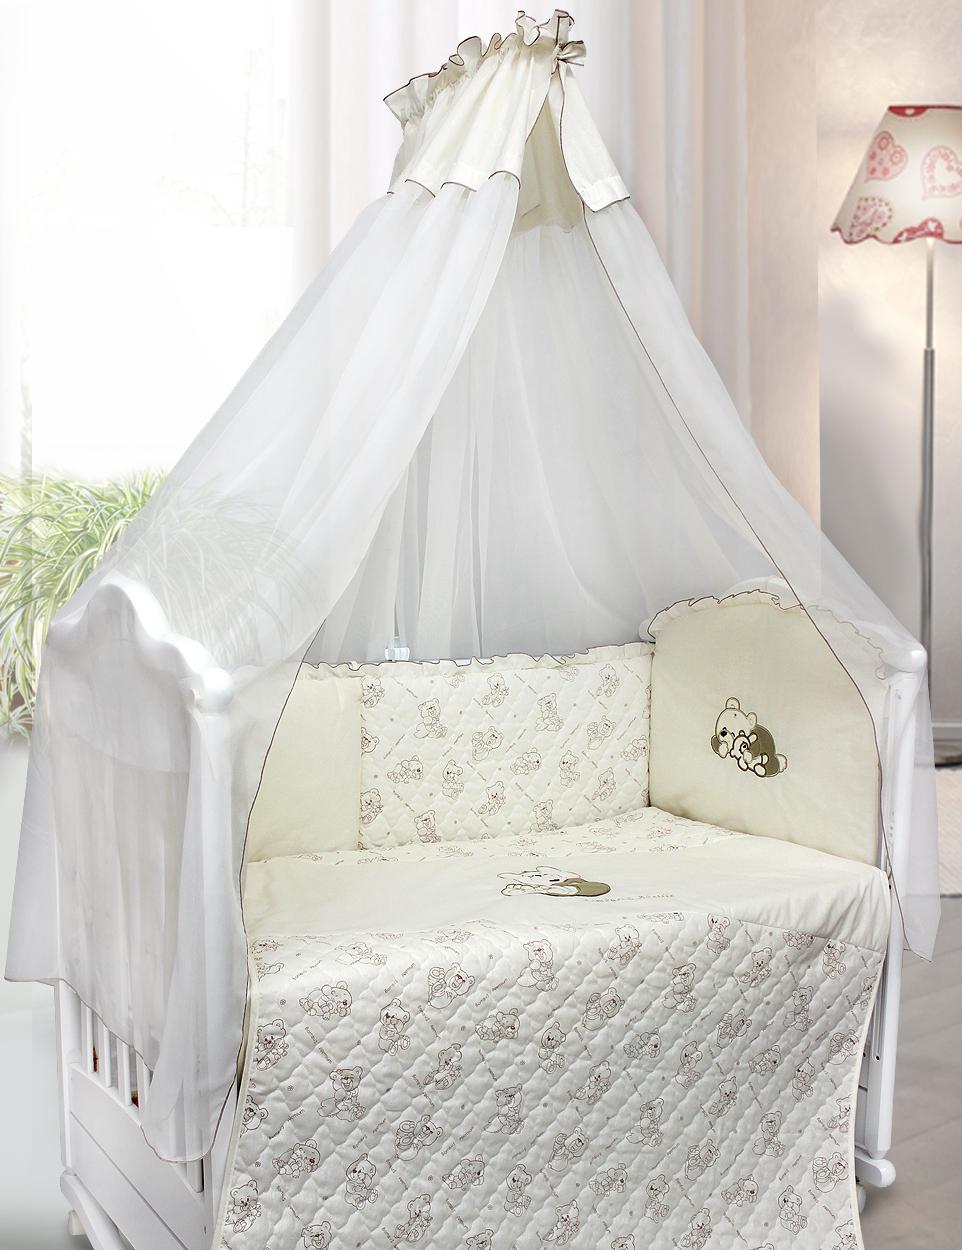 Комплект в кроватку - Bombus, 6 предметовДетское постельное белье<br>Комплект в кроватку - Bombus, 6 предметов<br>